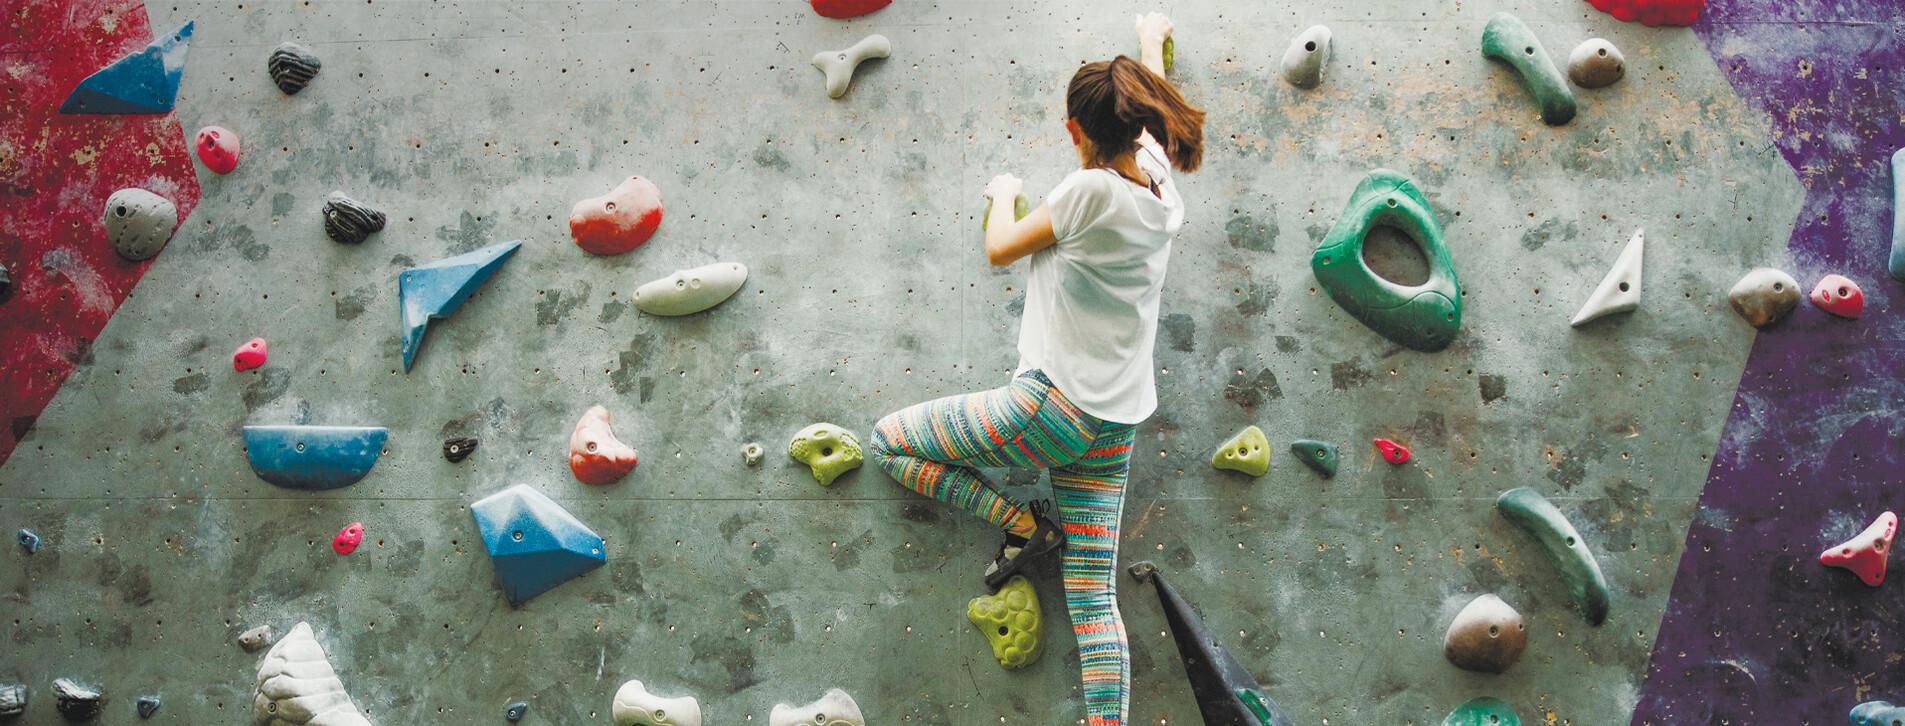 Фото 1 - Урок альпинизма на скалодроме для компании